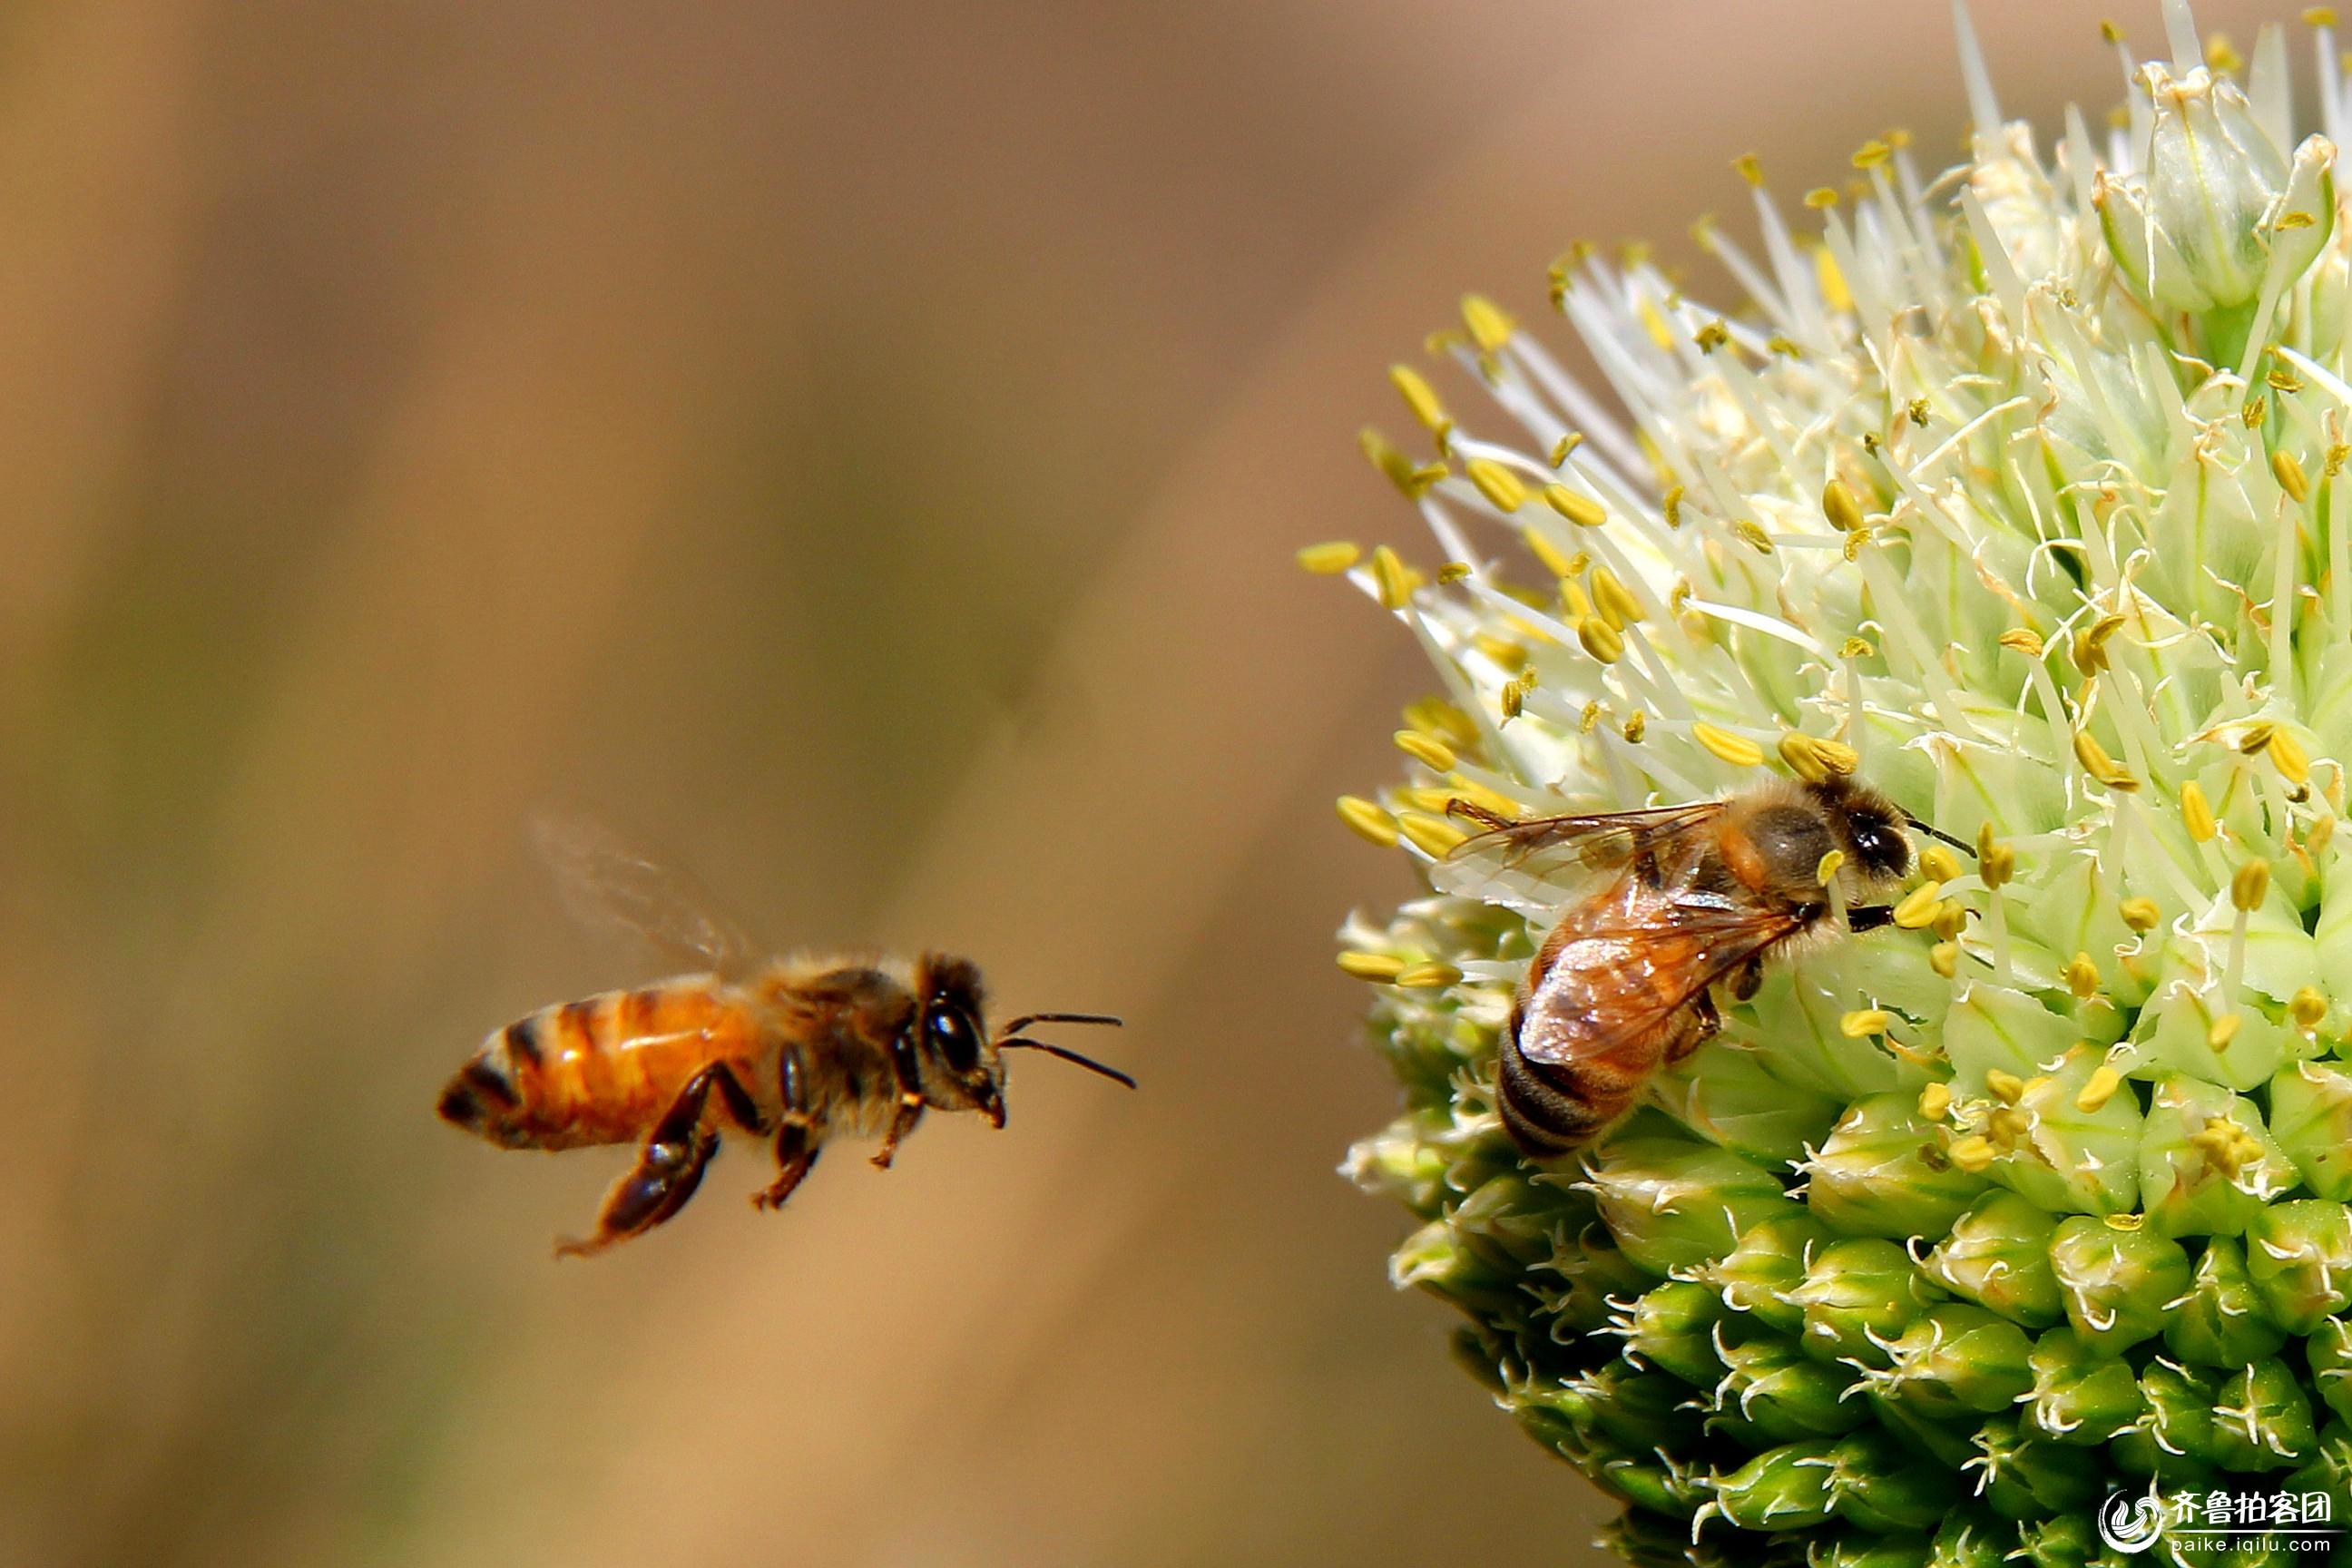 蜜蜂- 莱芜拍客 - 齐鲁社区 - 山东最大的城市生活,台